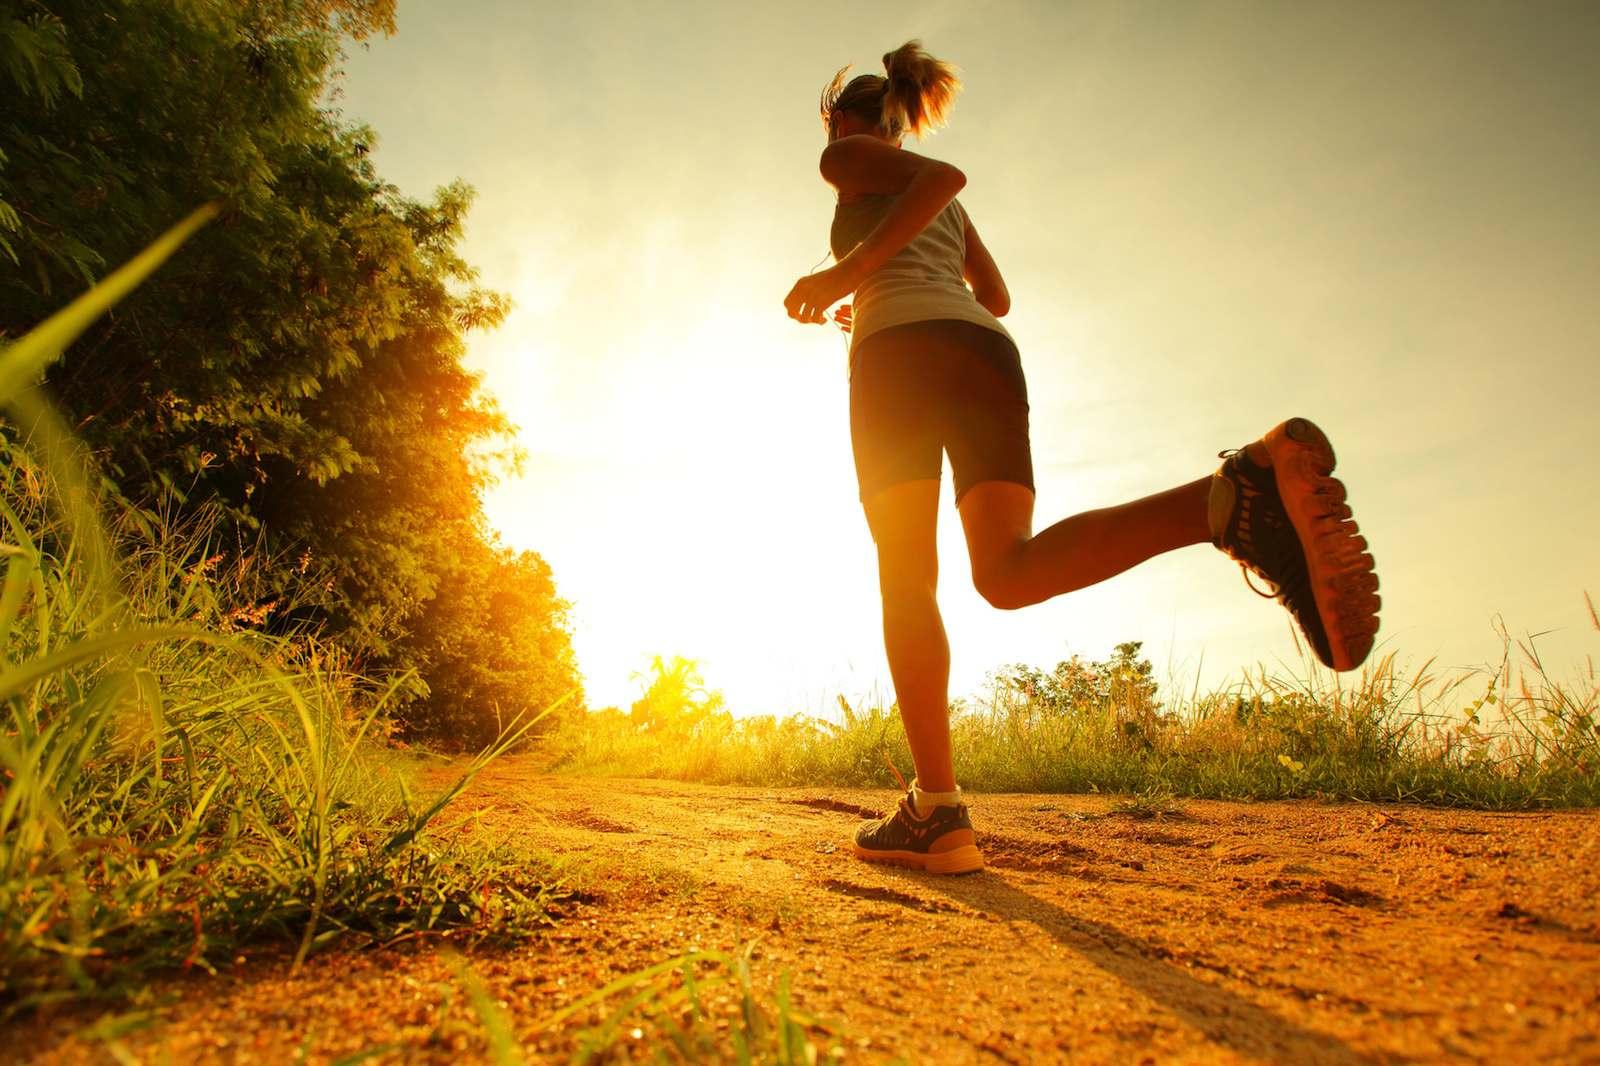 Αθλητισμός Ψυχική Υγεία: Η τακτική άσκηση ως αντίβαρο στο άγχος και το στρες [vid]